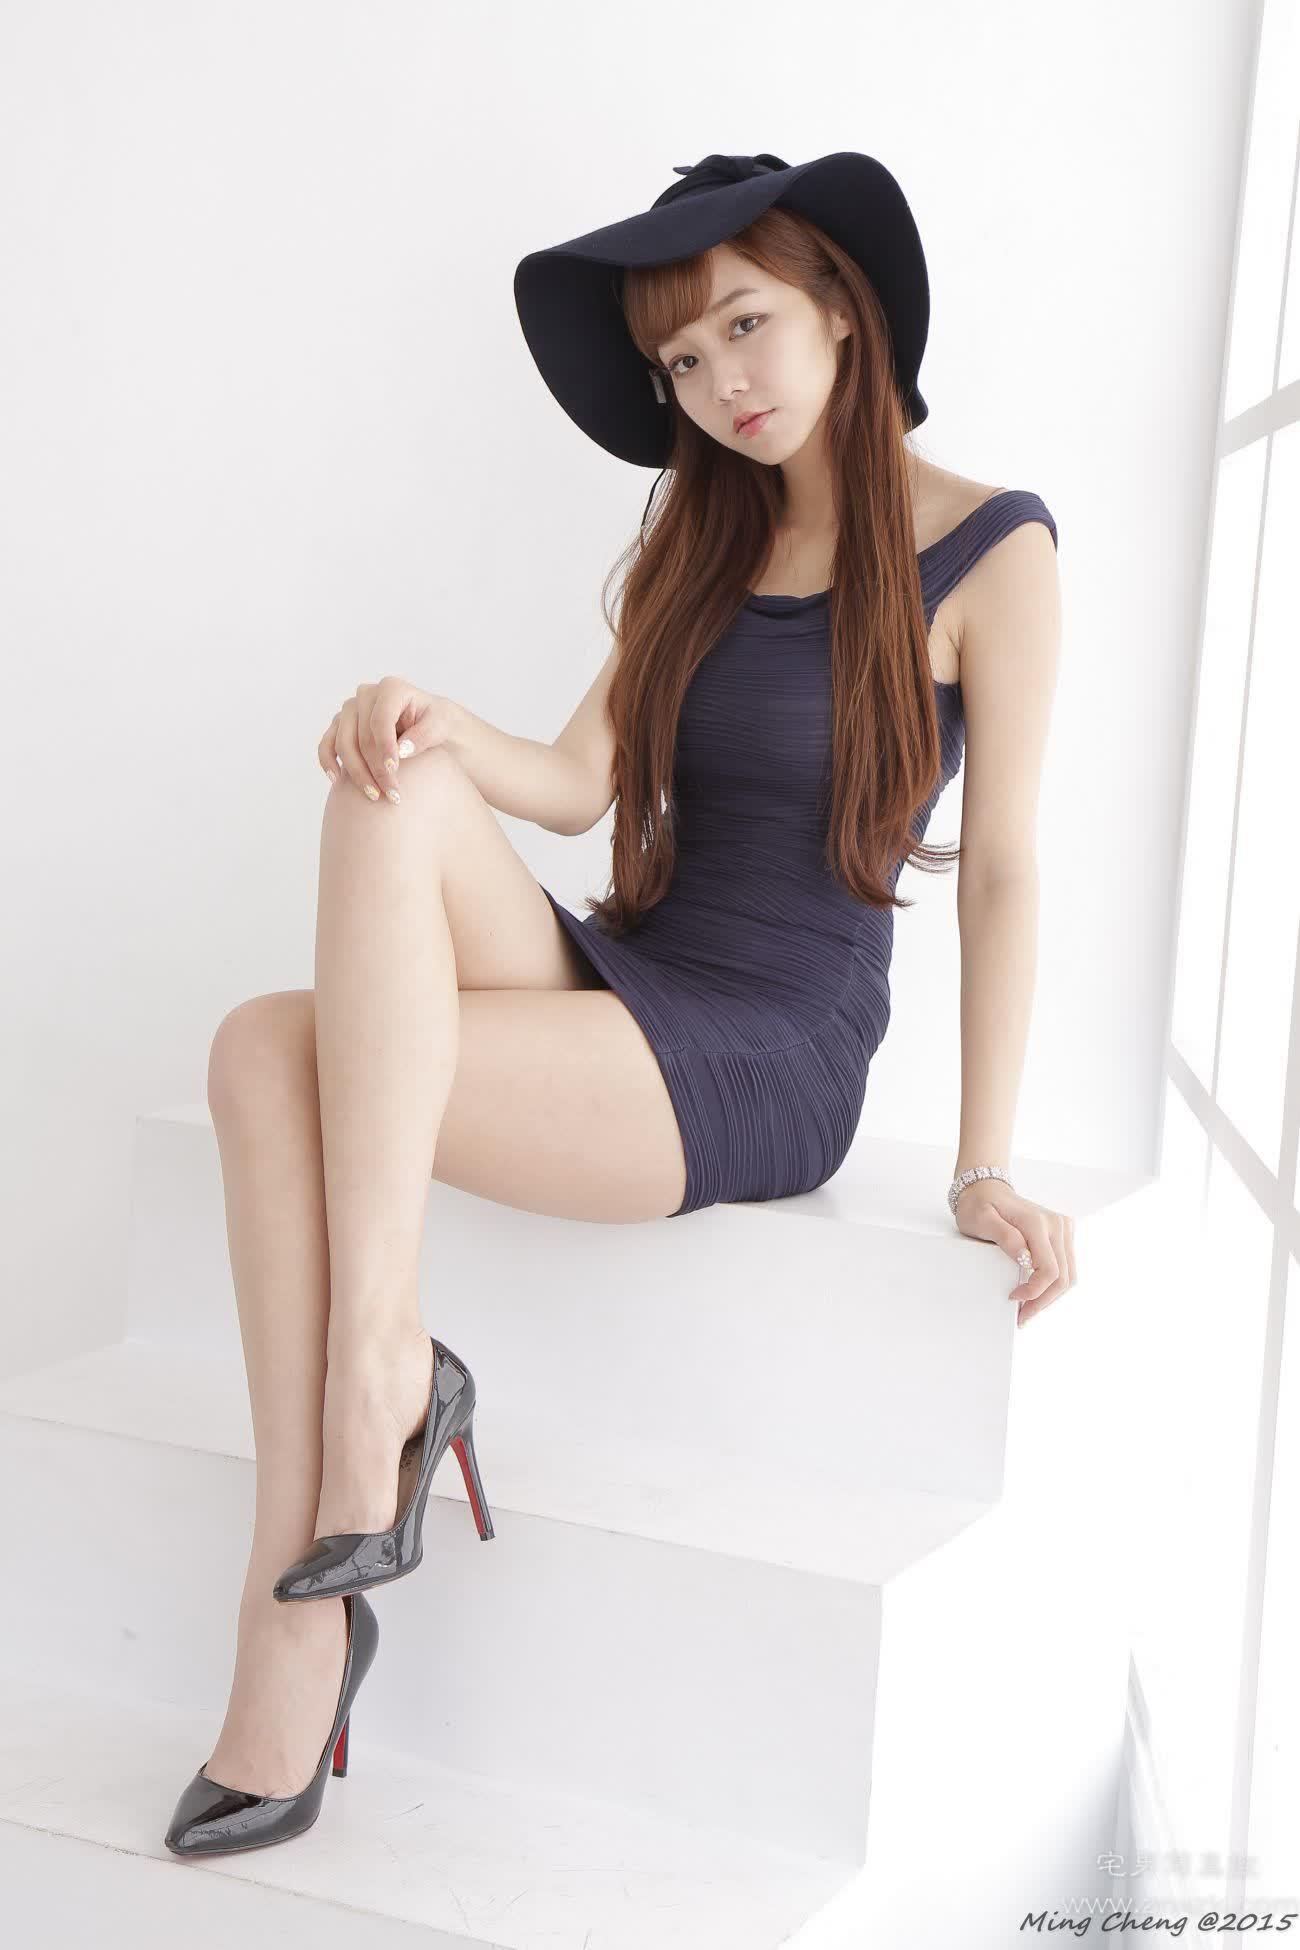 台湾腿模丝袜美腿高跟鞋棚拍 小予兒 緊身短裙高跟美腿